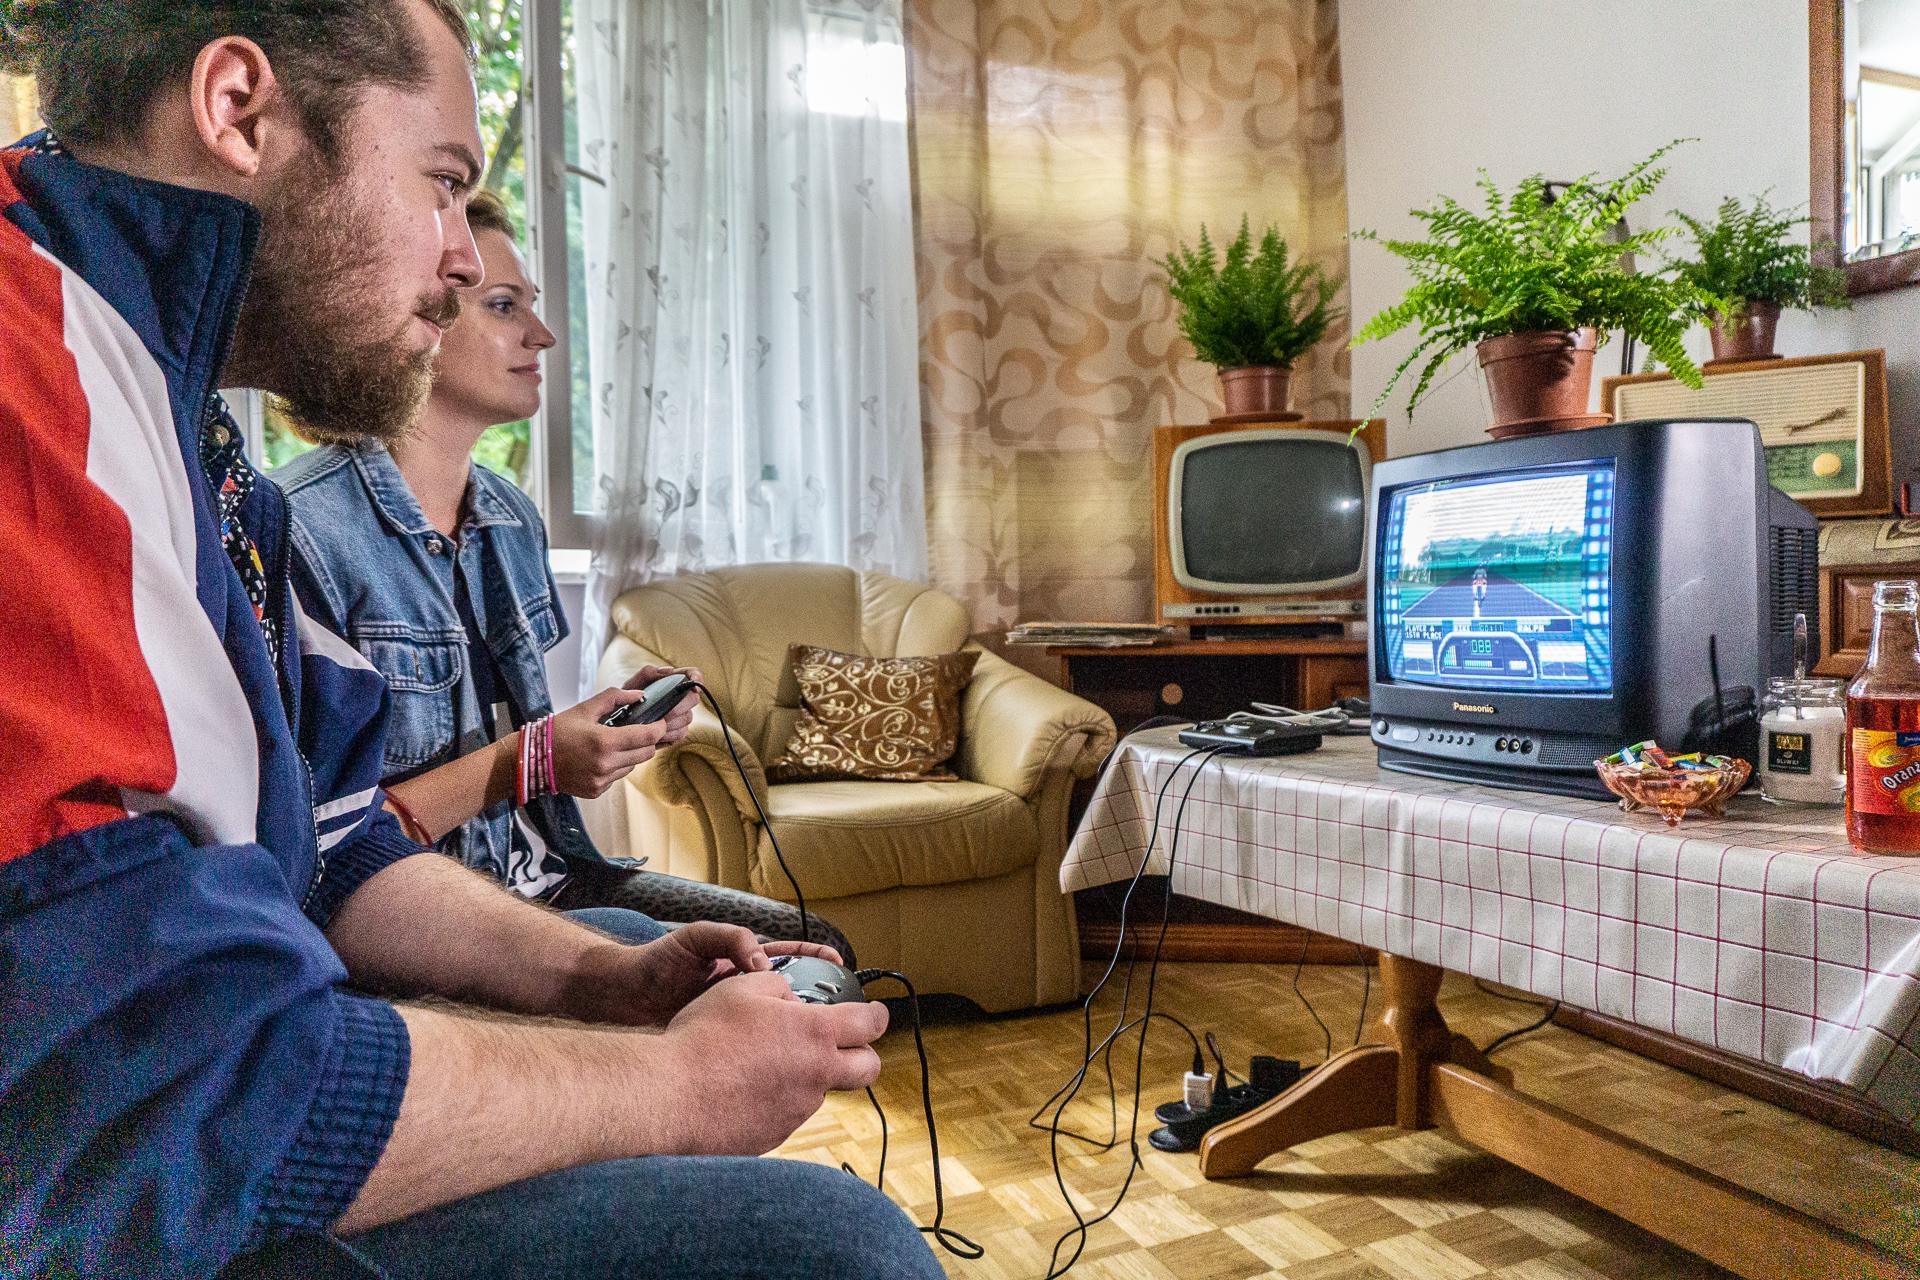 اختبار وحدة التحكم SEGA Mega Drive Mini - أكبر عيوب ومزايا النظام الأساسي الجديد في التسعينيات 3